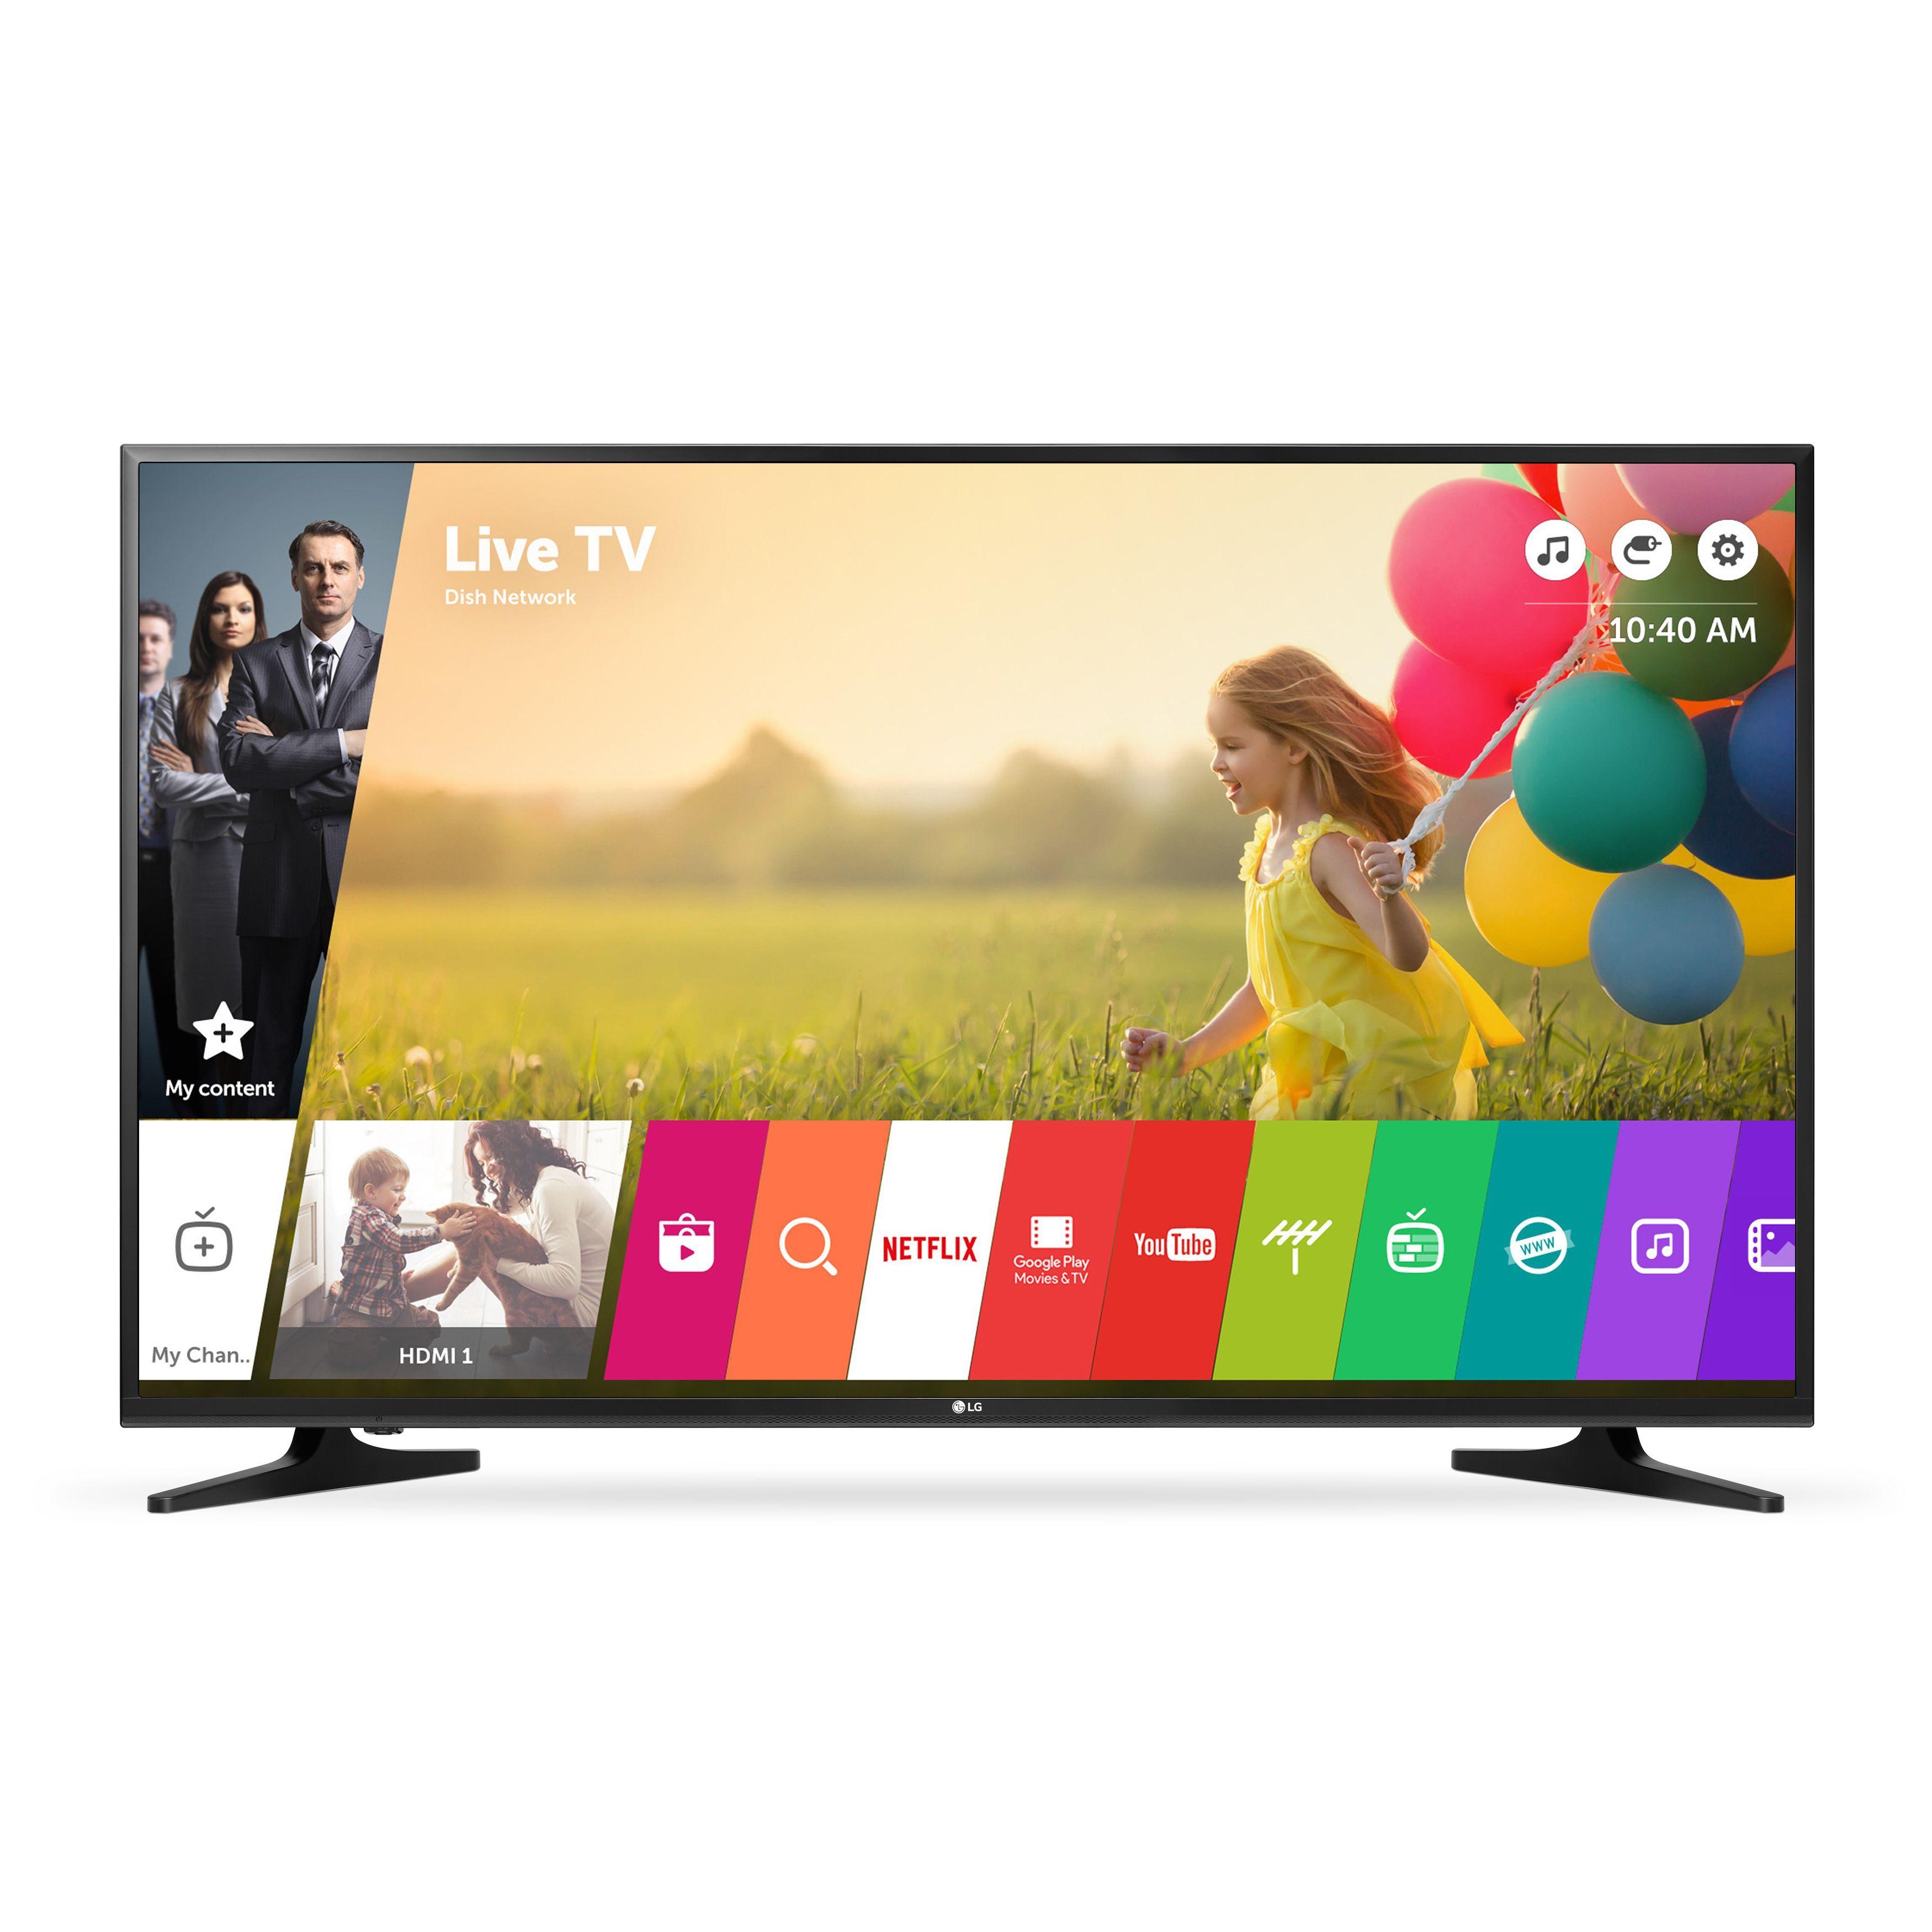 ade21cbfbff27b4e82647169ede8c13e - How To Get Google Play Store On Lg Tv